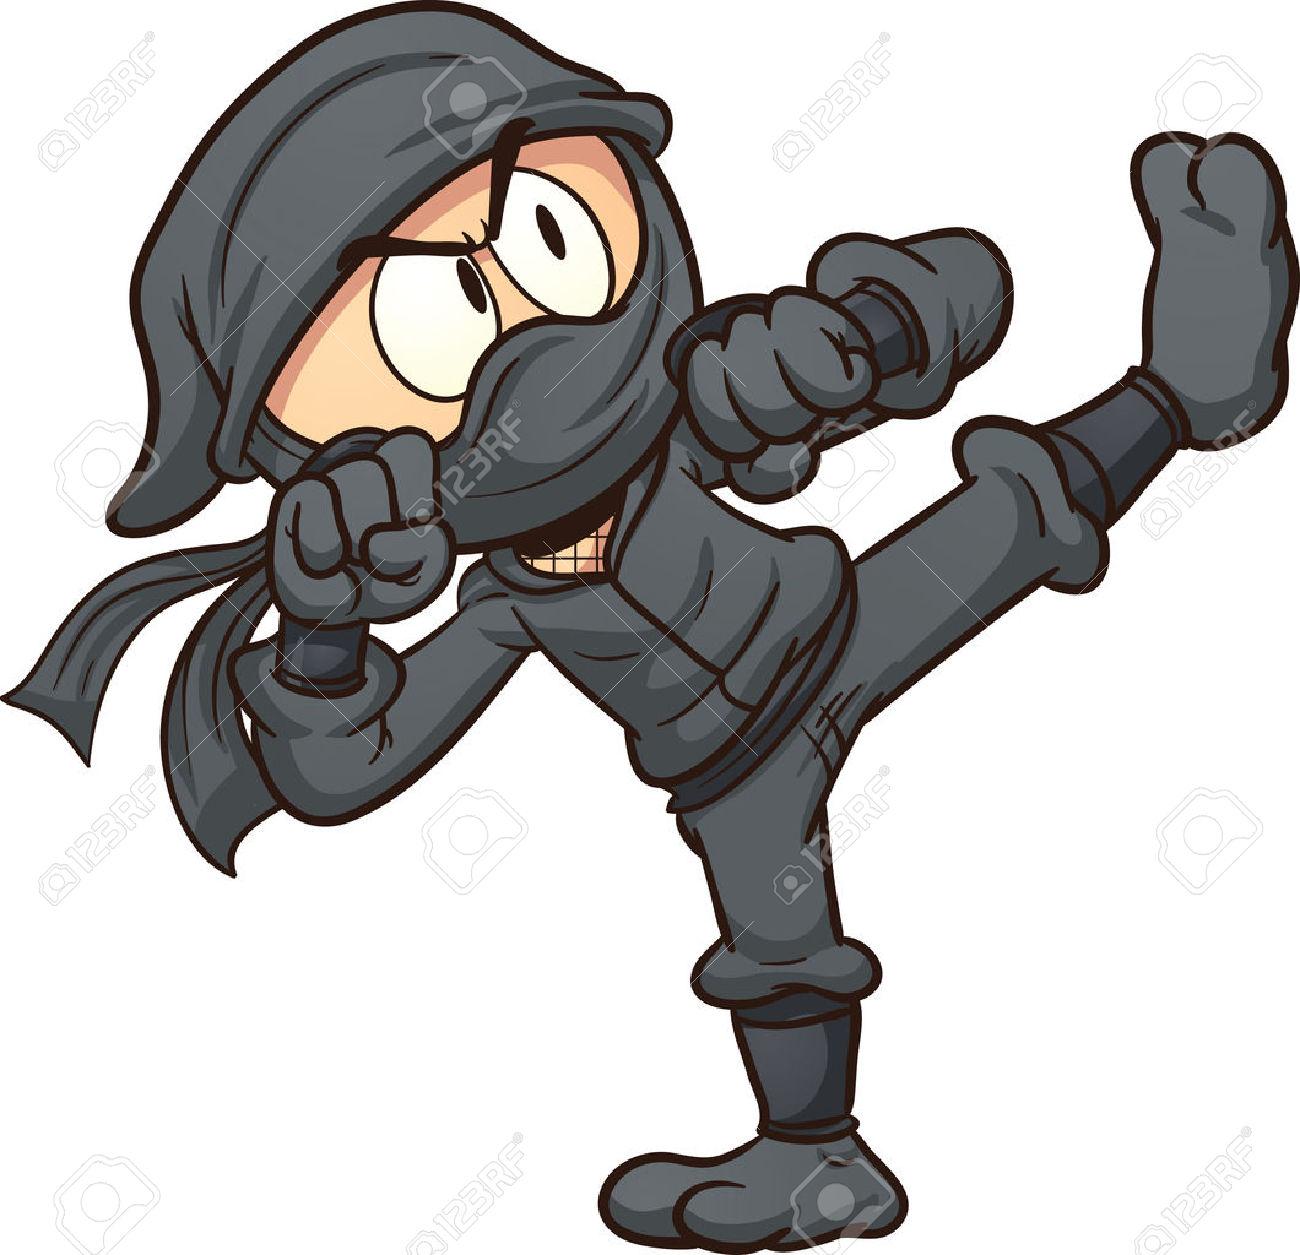 Ninja clipart #16, Download drawings